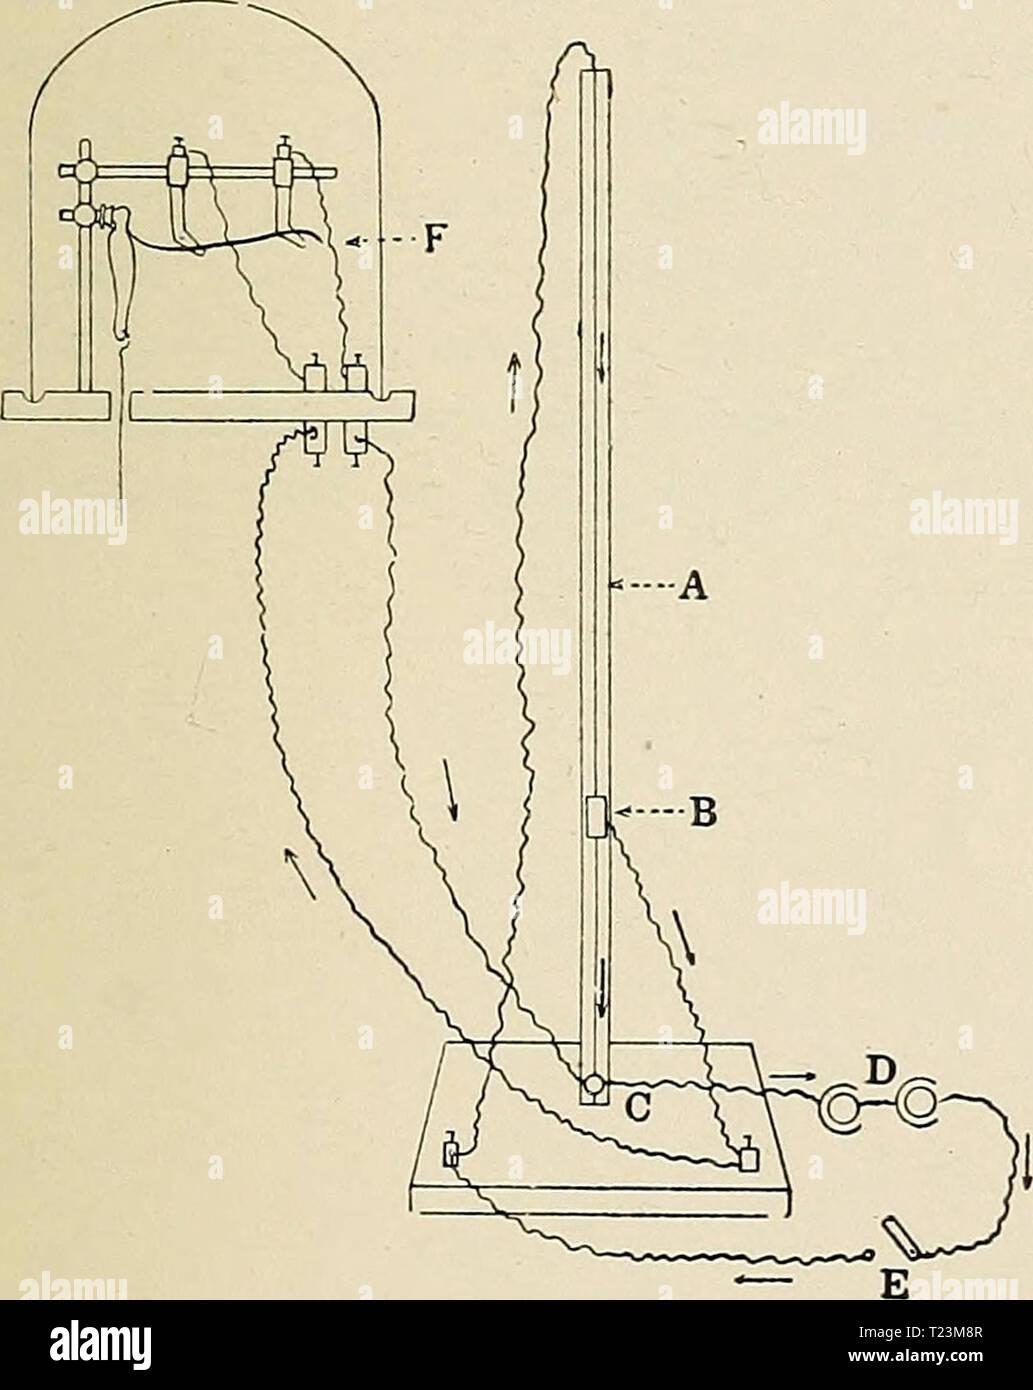 Chambre Humide Que Faire image d'archive à partir de la page 110 des orientations